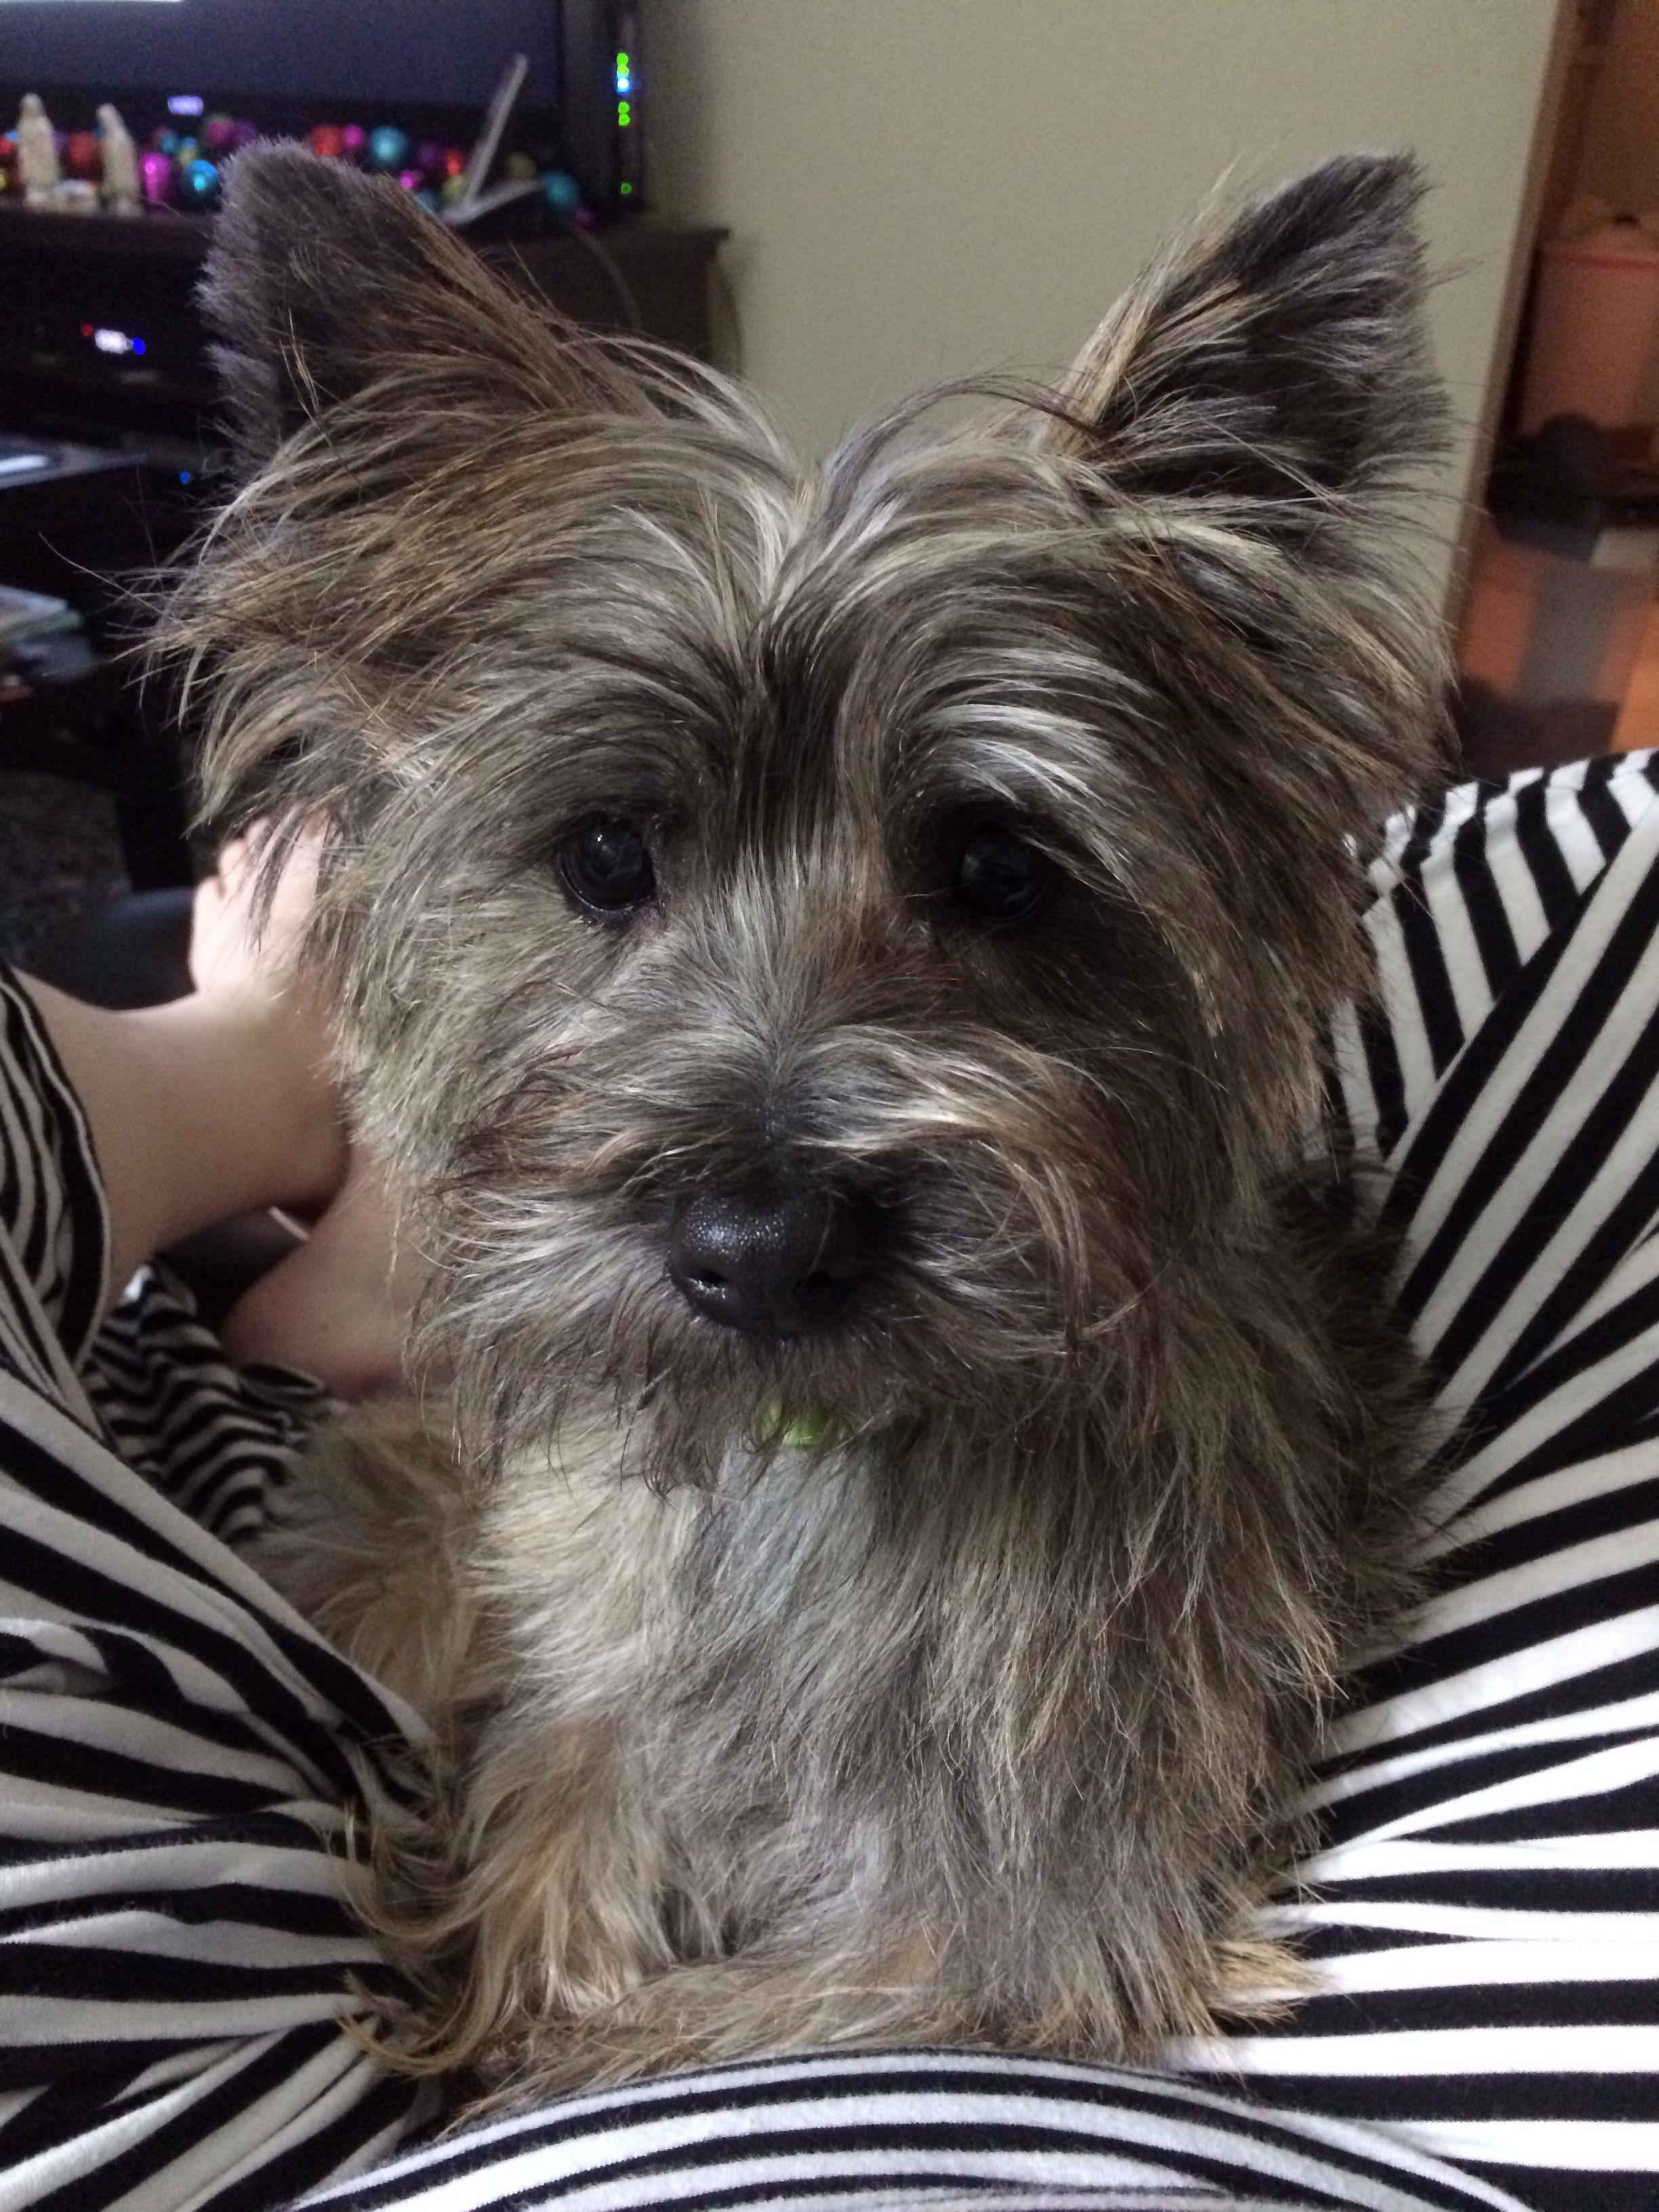 Cairn Terrier My Baby Oz Is So Cute Cairn Terrier Cute